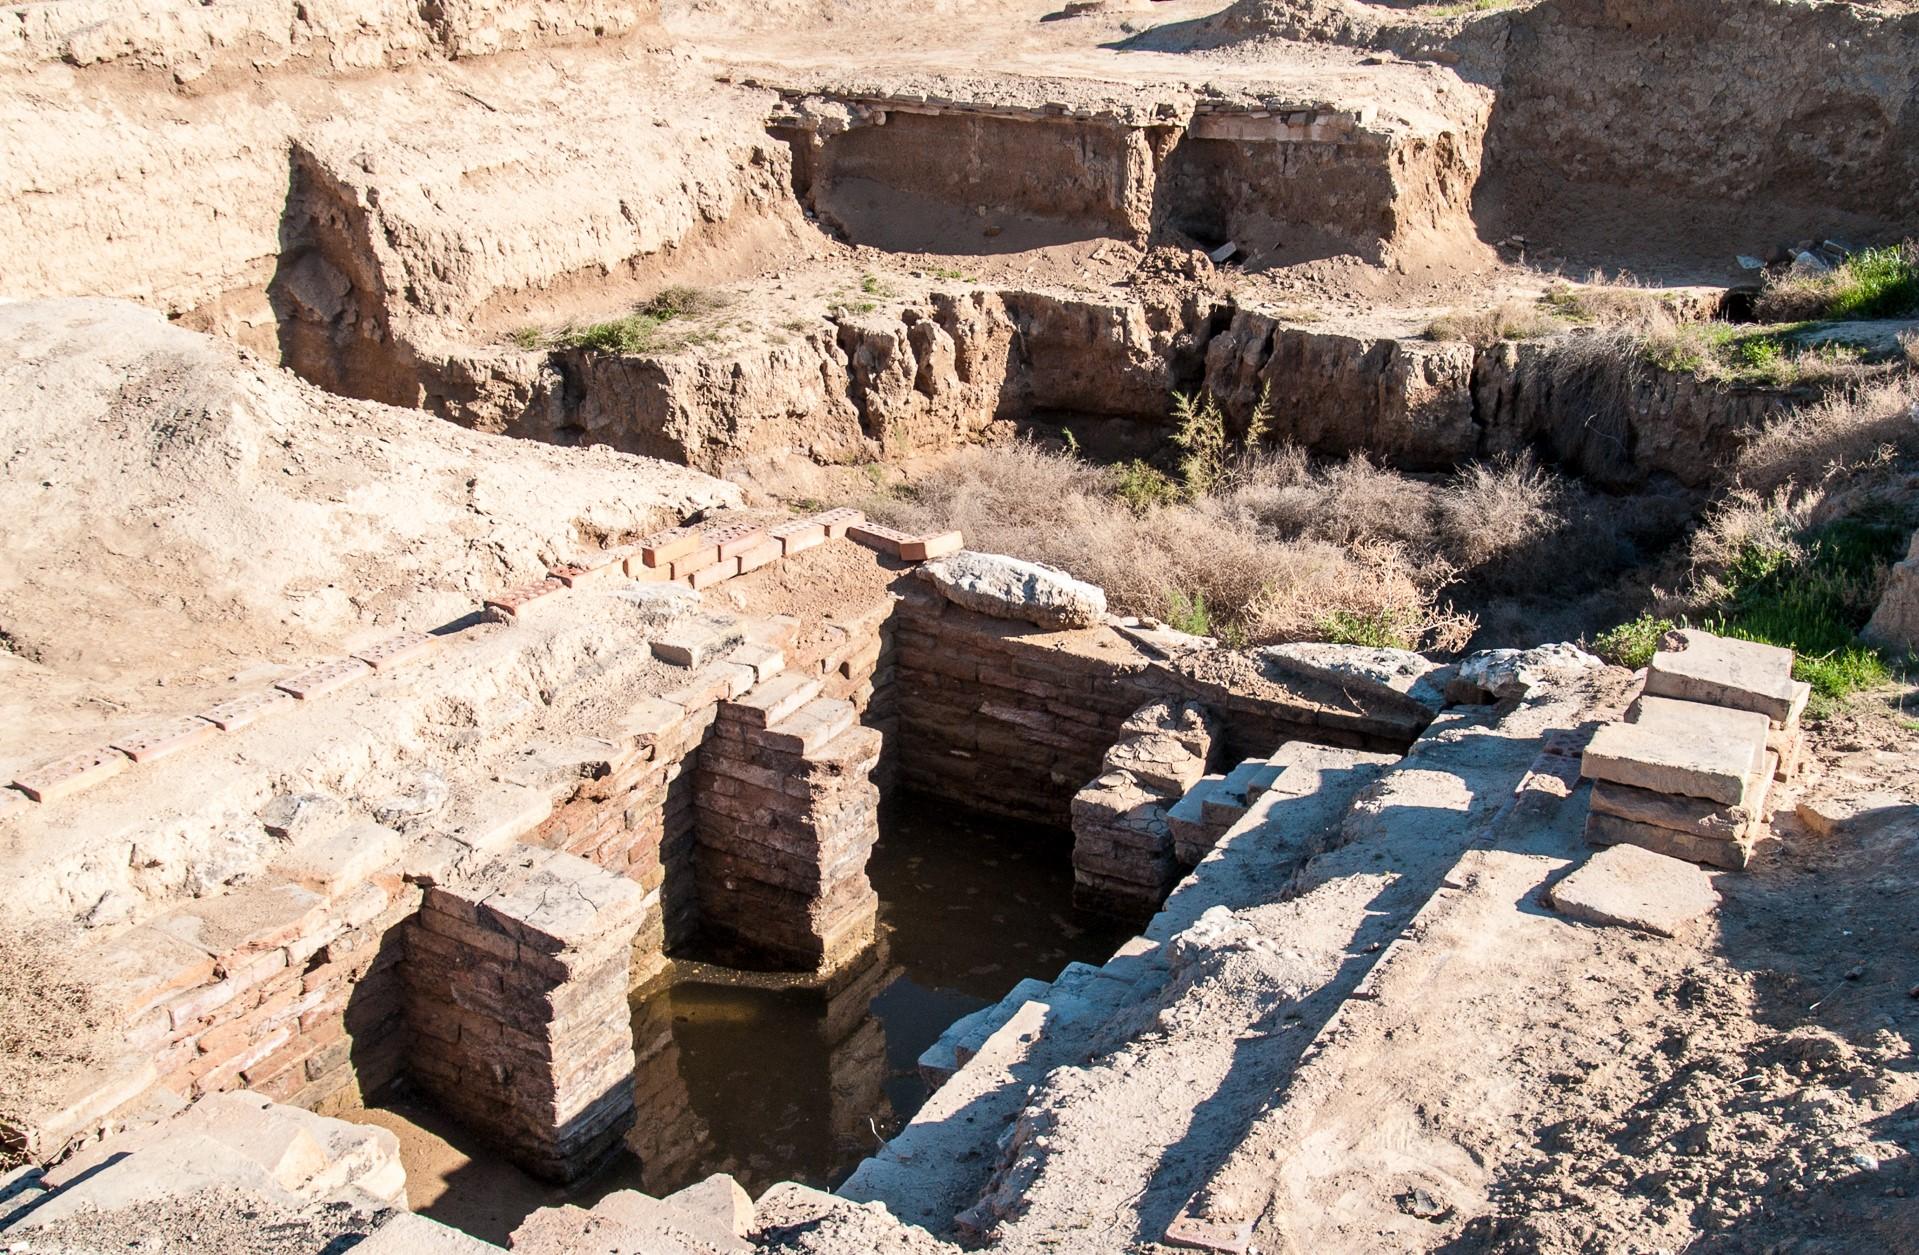 تذكر المراجع أن السومريين استوطنوا ماري ومن بعدهم الأكاديون (دانيل ديمتر)